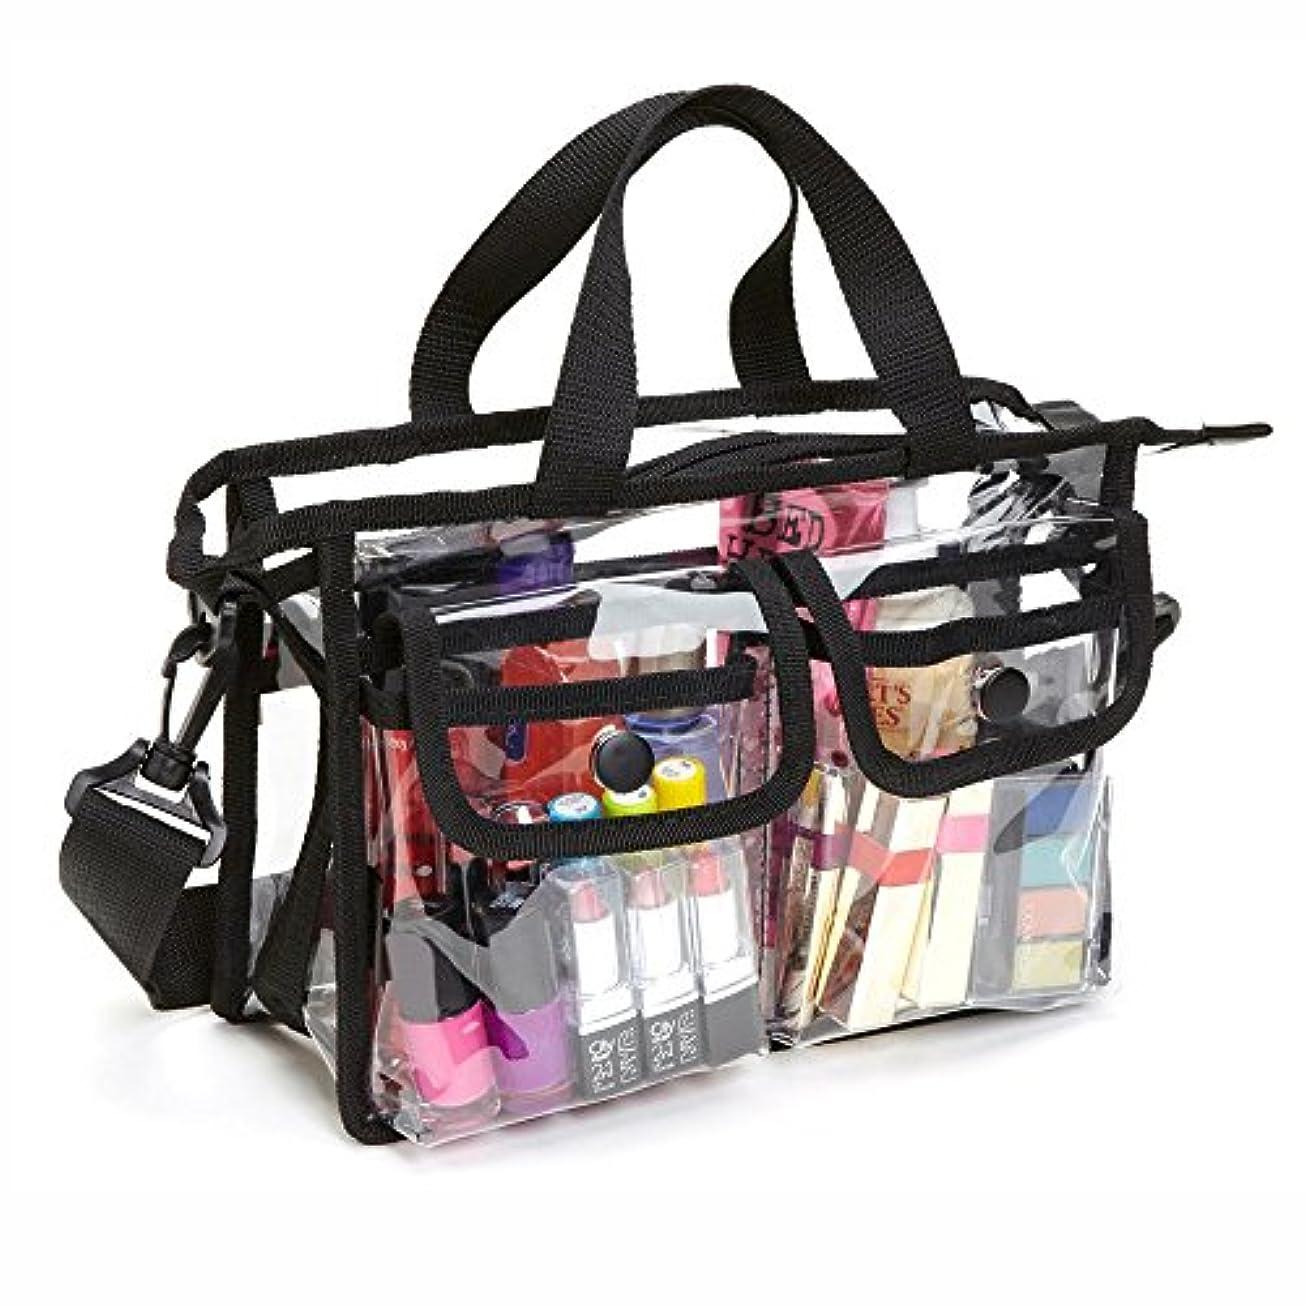 メイクバッグ Akane EVA ショルダーバッグ 透明 お風呂 防水 厚く 家用 便利 旅行 ビーチ 化粧バッグ